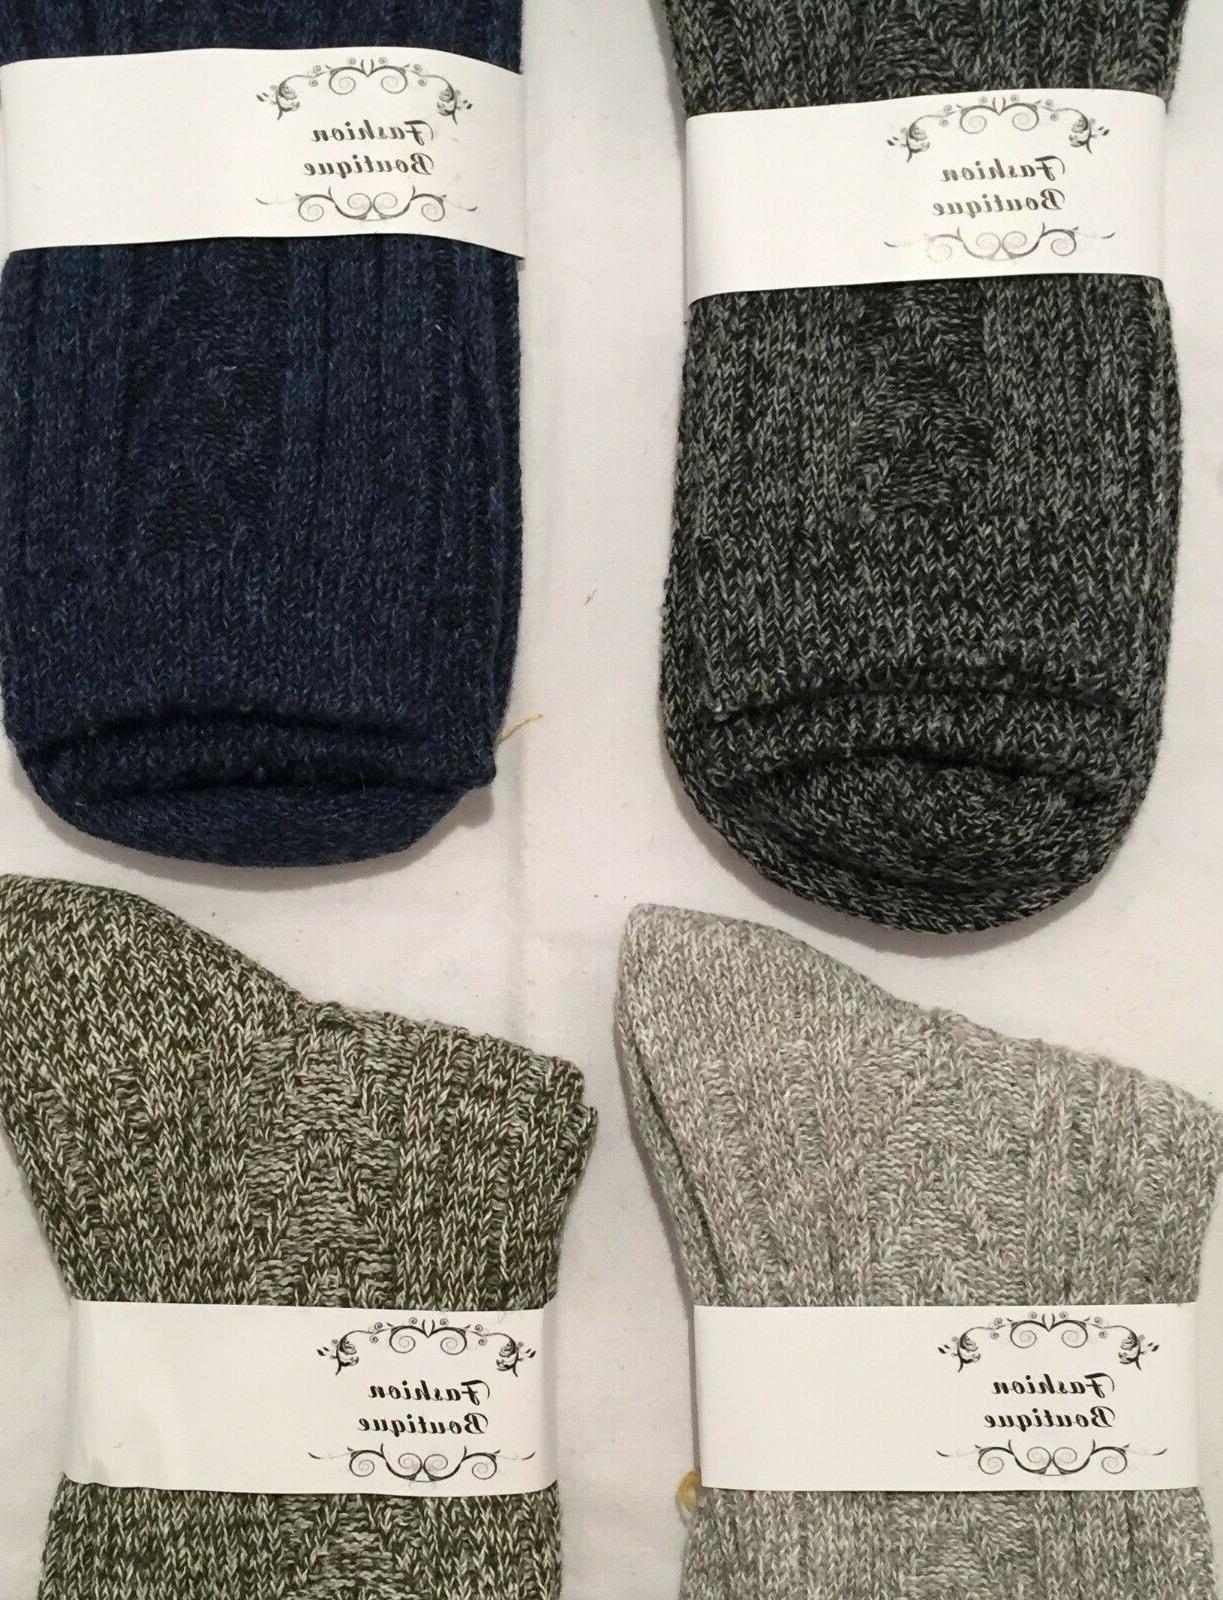 4 Knit Casual Socks